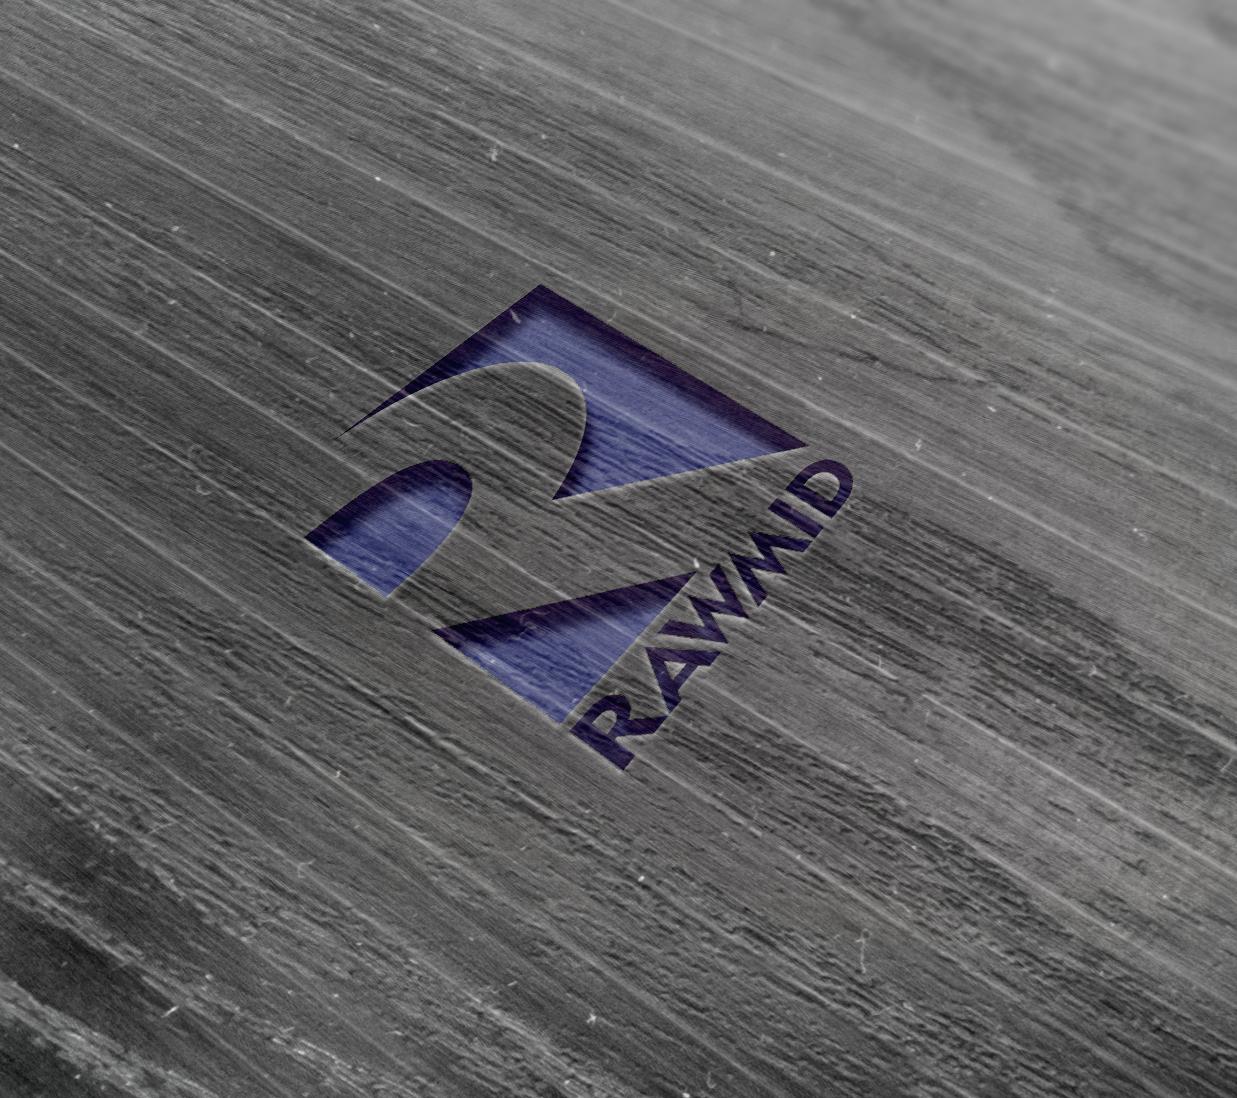 Создать логотип (буквенная часть) для бренда бытовой техники фото f_9725b3881c989096.jpg